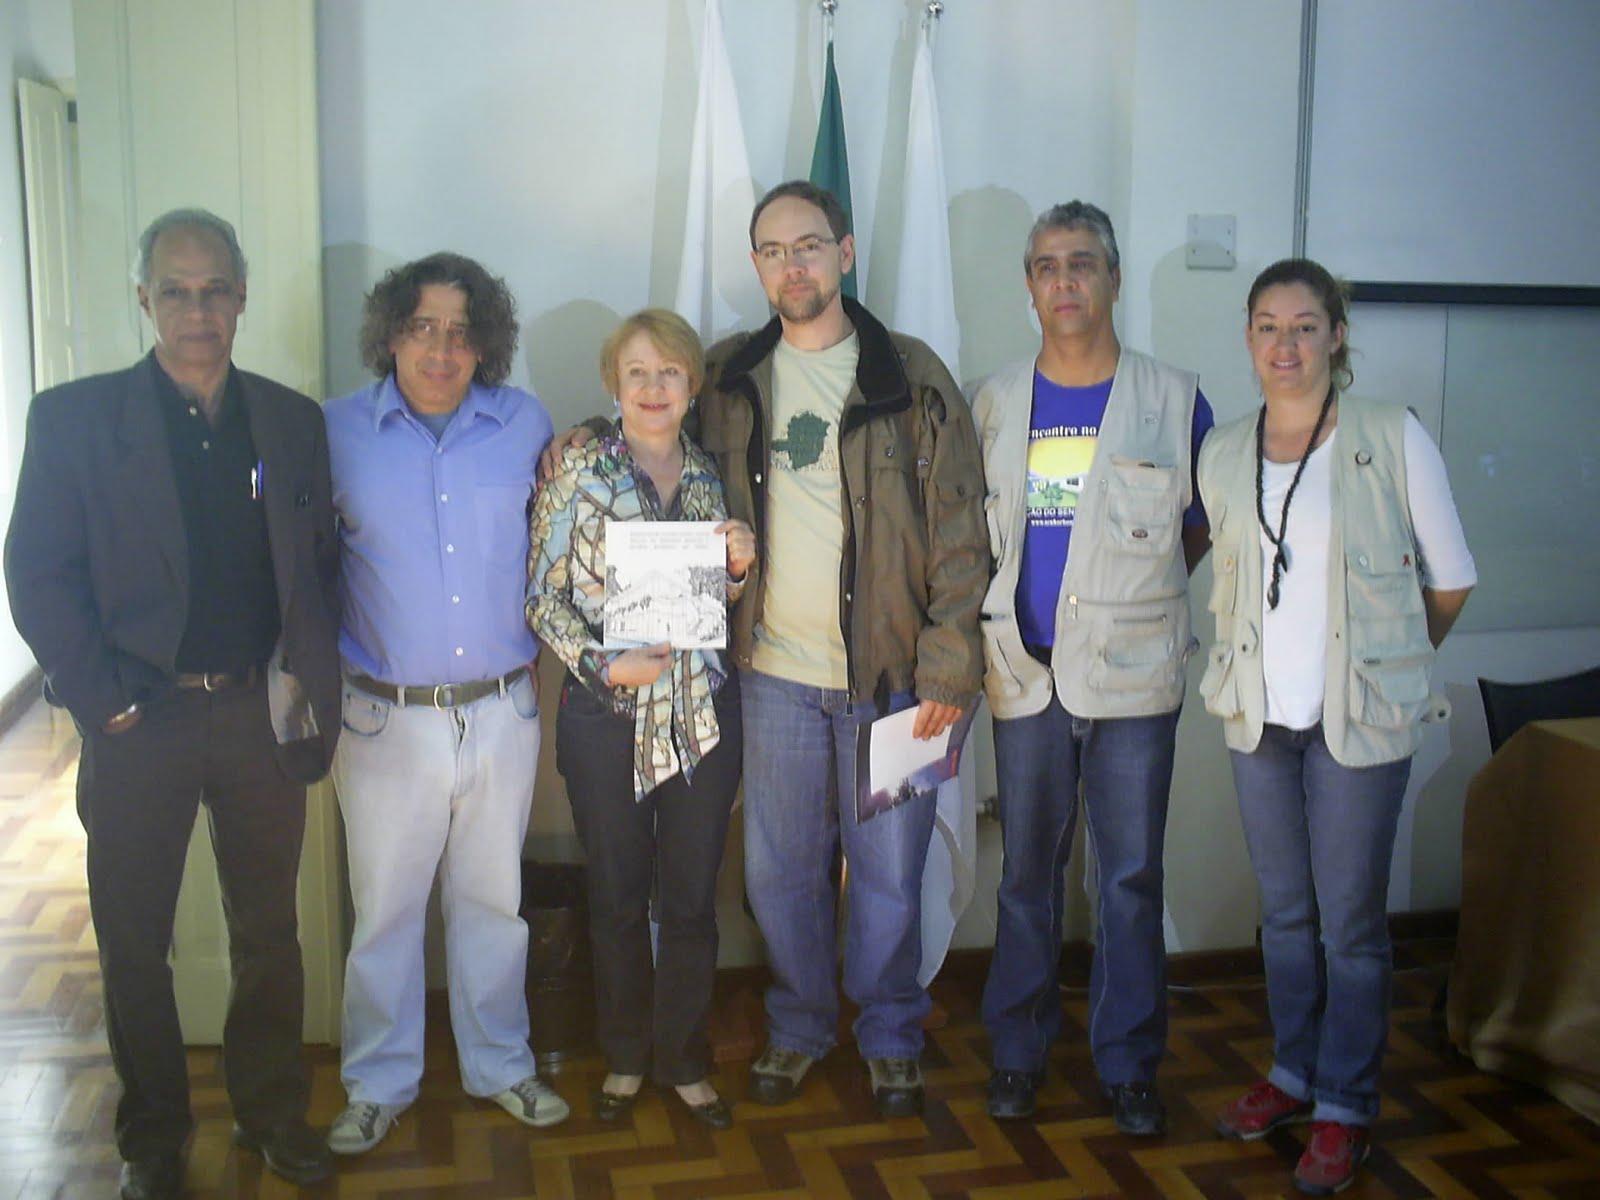 gustavo horta jardim : gustavo horta jardim: Fabrício Fernandino, Luzia Ferreira, Paulo Lamac, Zeca e Perla Horta